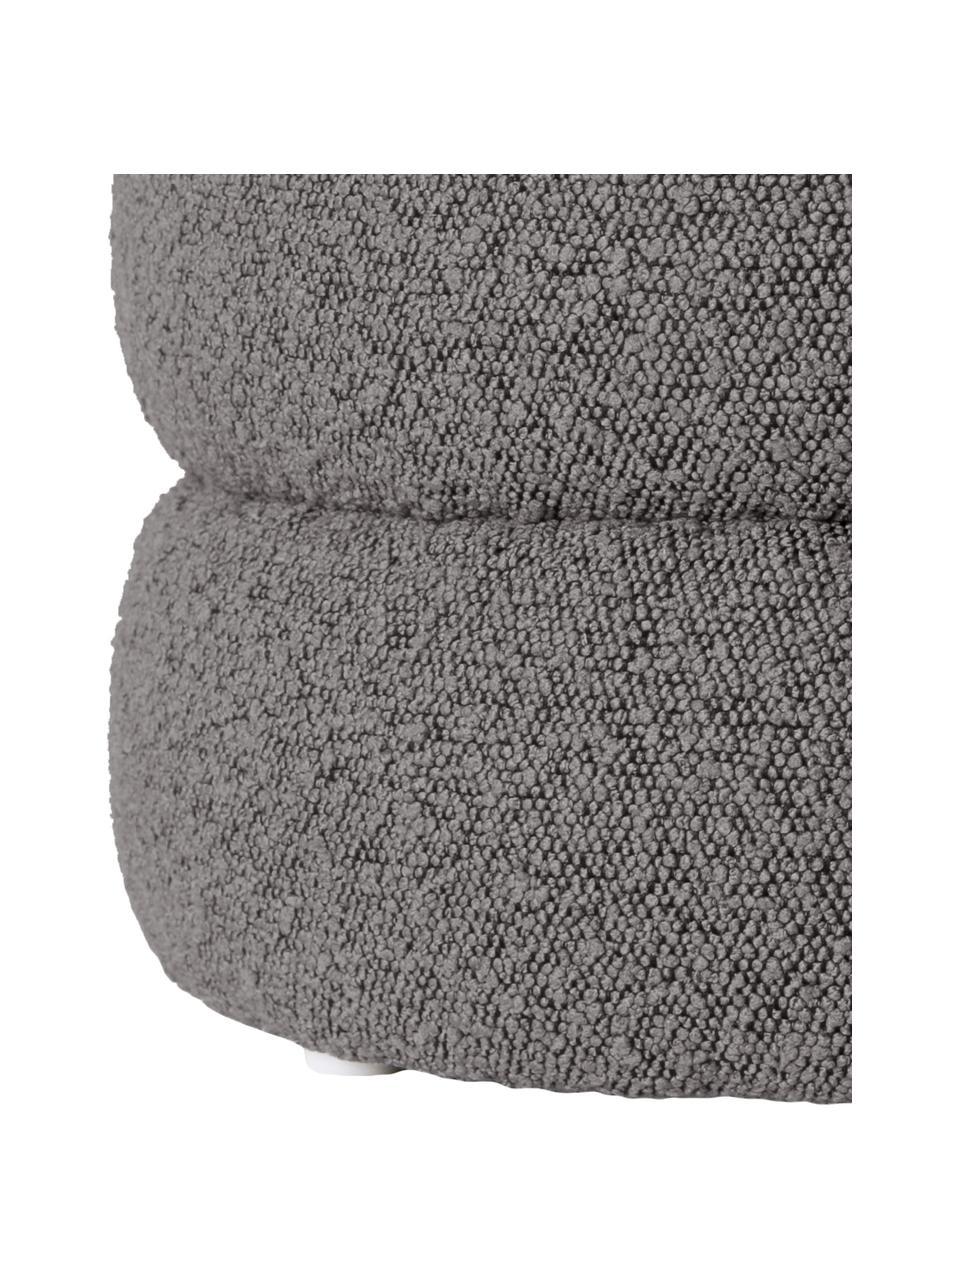 Sgabello in tessuto bouclé grigio Alto, Rivestimento: 100% poliestere (pellicci, Struttura: legno di pino massiccio, , Bouclé grigio, Ø 42 x Alt. 47 cm